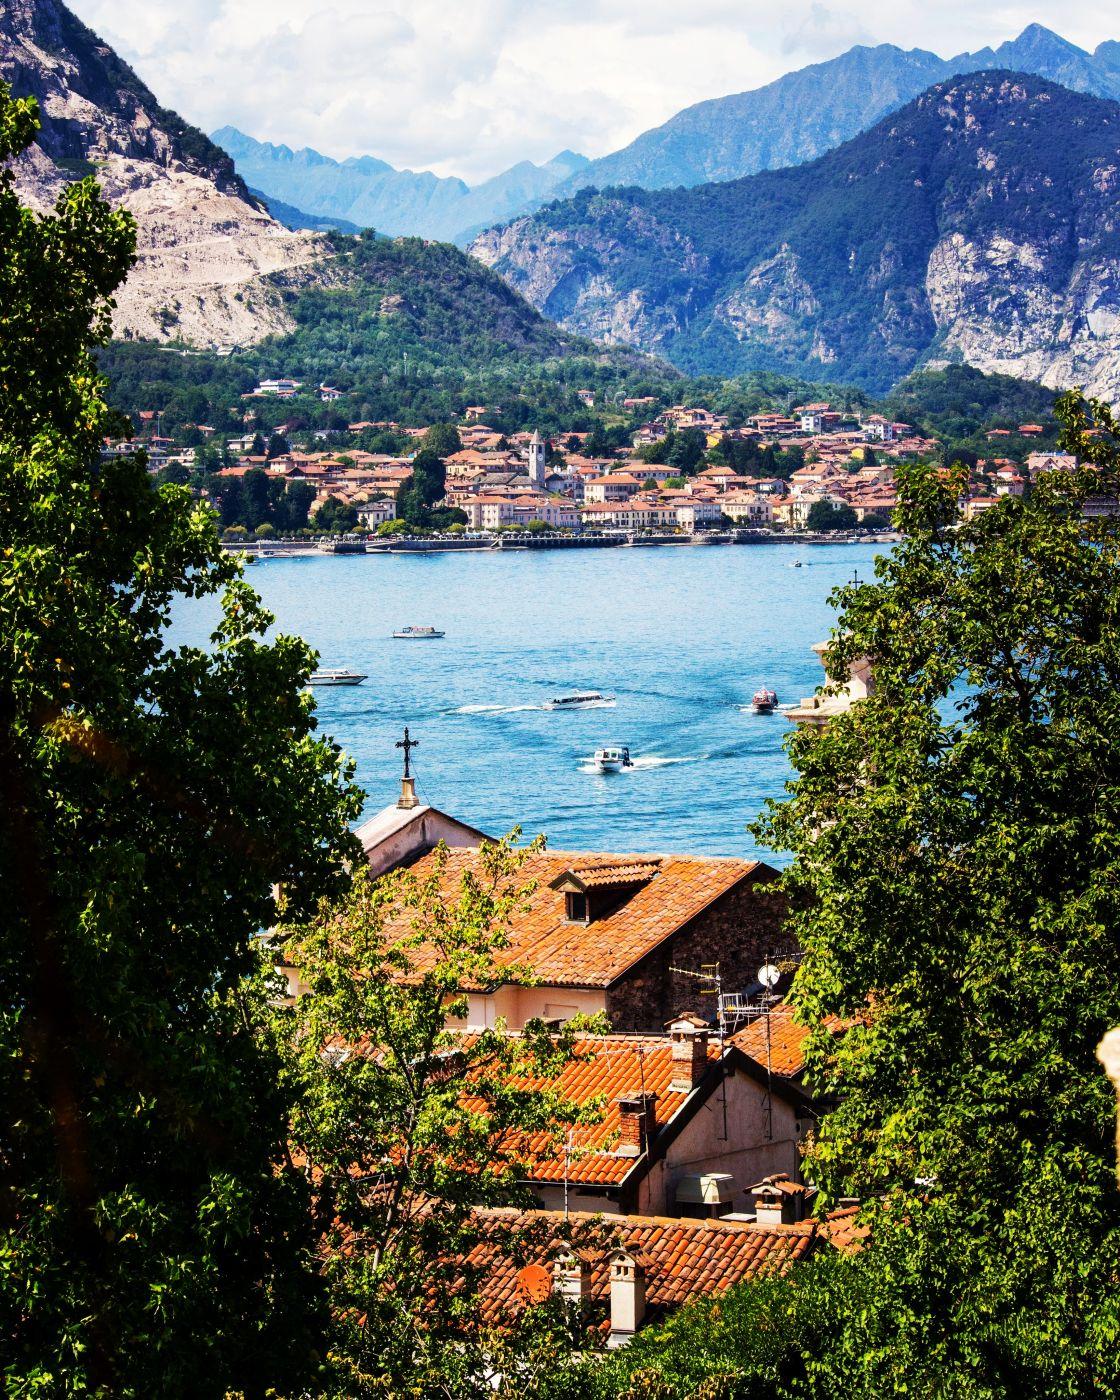 Lago Maggiore from Isola Bella, Italy